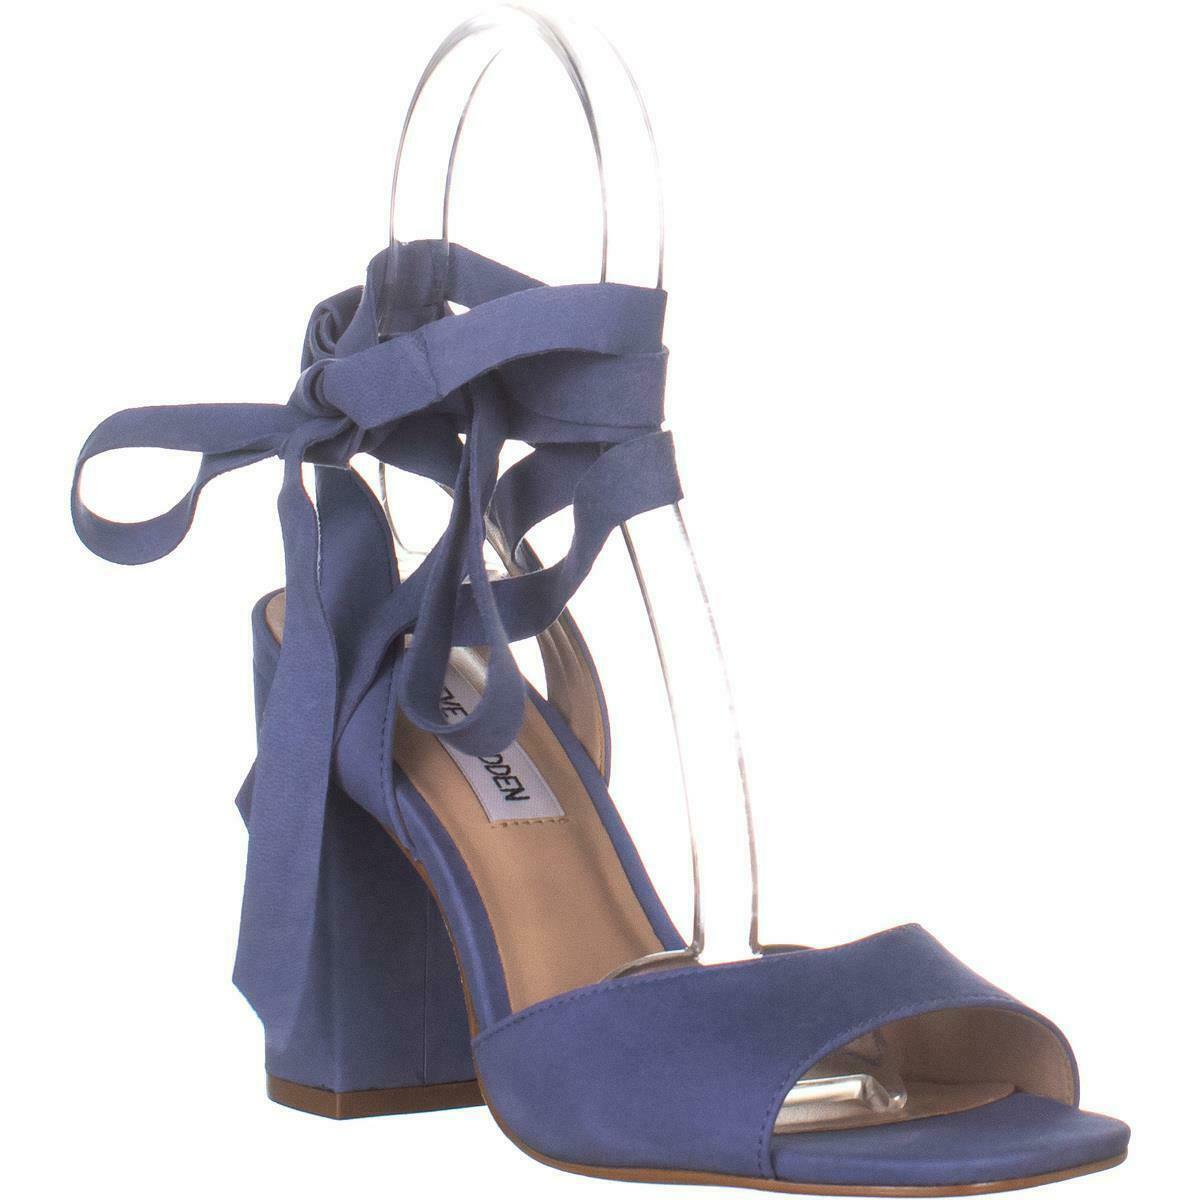 Steve Madden Kenny Ankle Strap Sandals, Blue Nubuck, 6.5 US